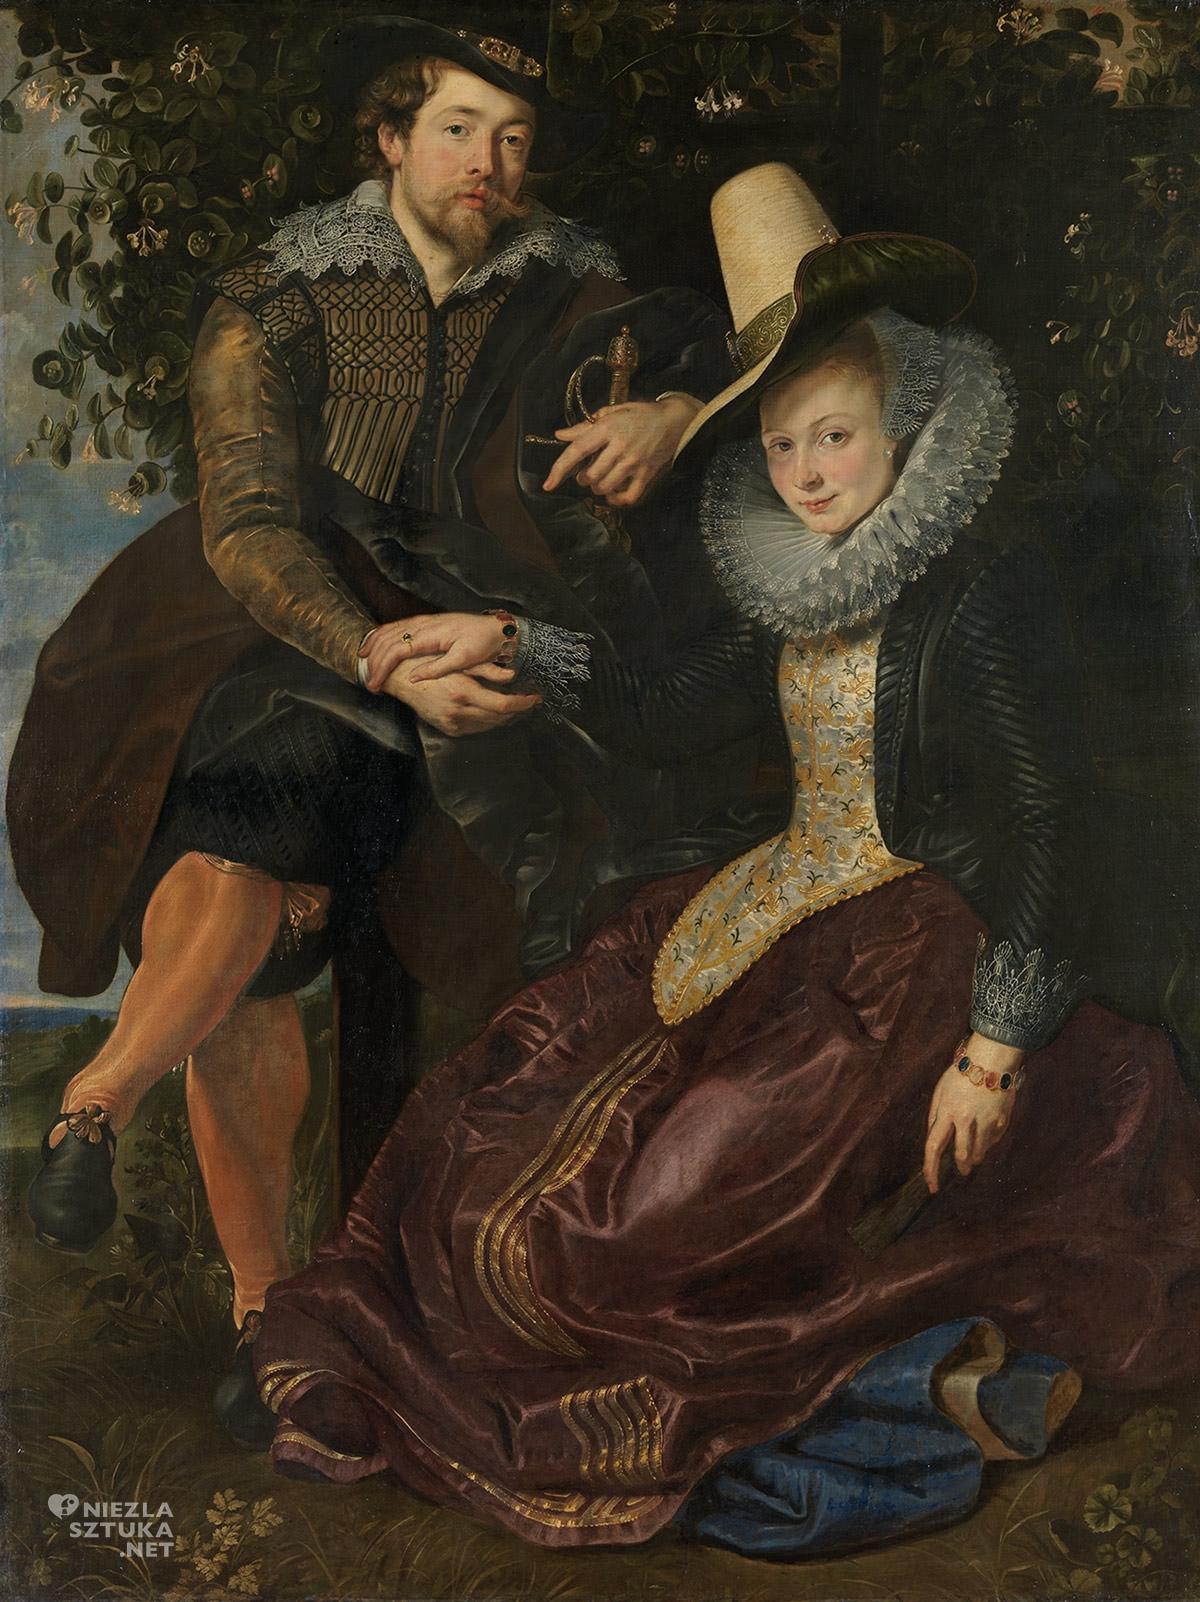 Peter Paul Rubens, Autoportret z żoną Isabellą Brant, Isabella Brant, Isabella Brandt, sztuka flamandzka, malarstwo europejskie, Niezła Sztuka